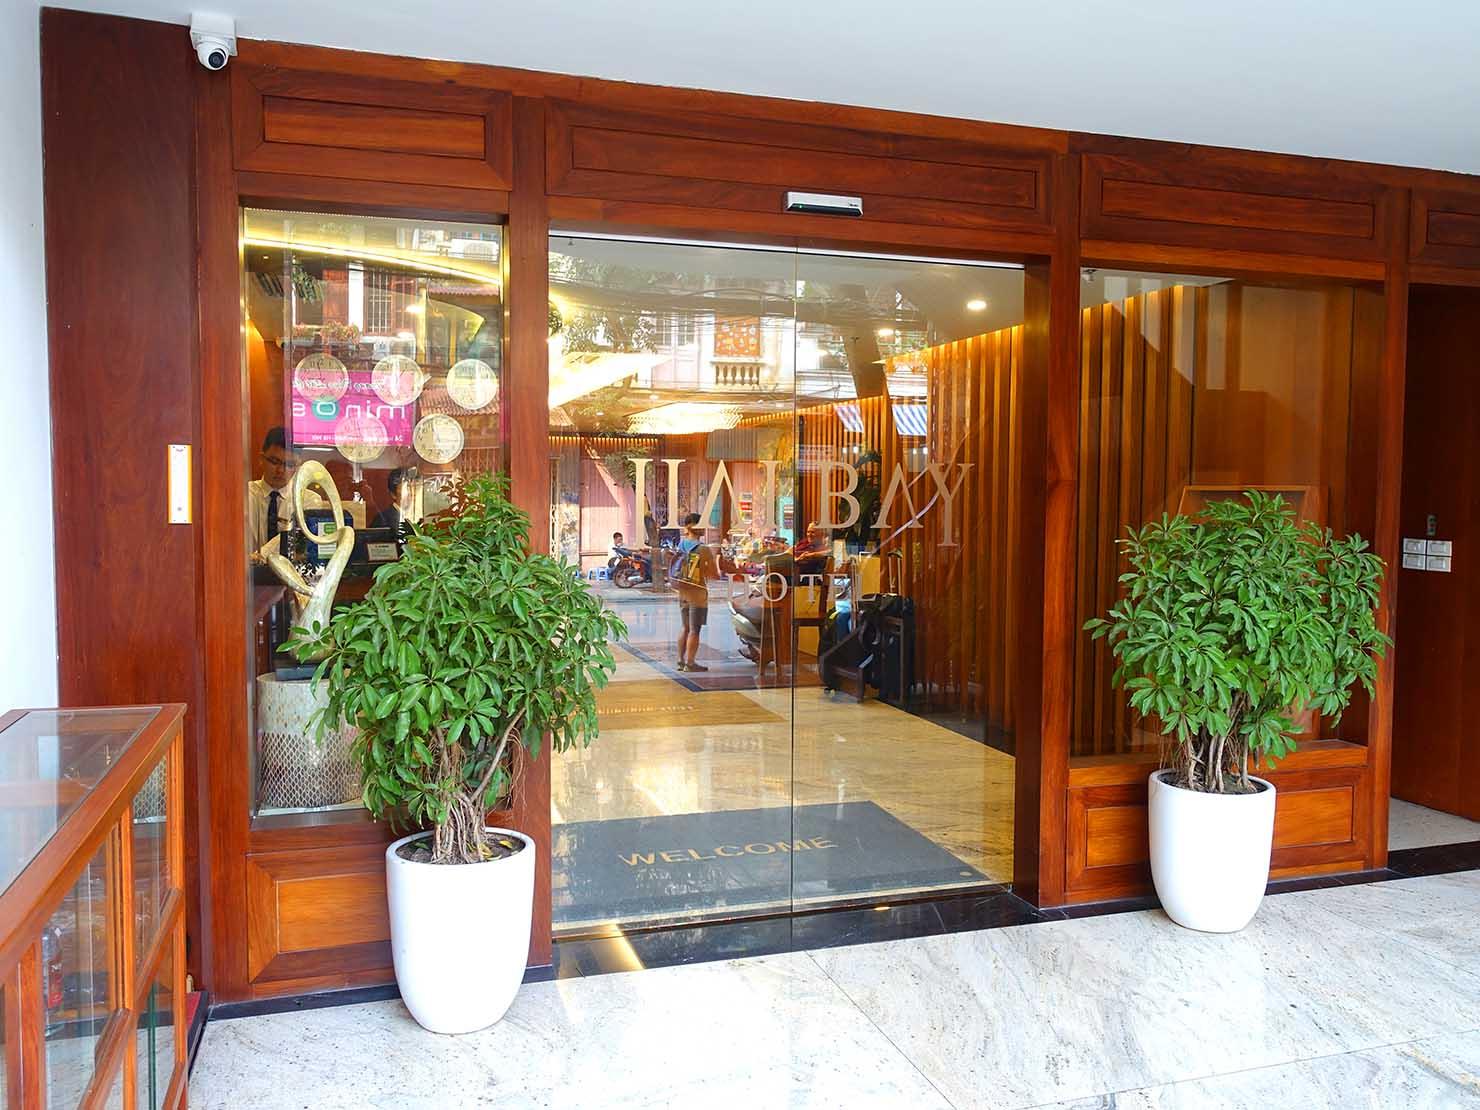 ハノイ旧市街ど真ん中の観光に便利なおすすめホテル「Hai Bay Hotel」のエントランス